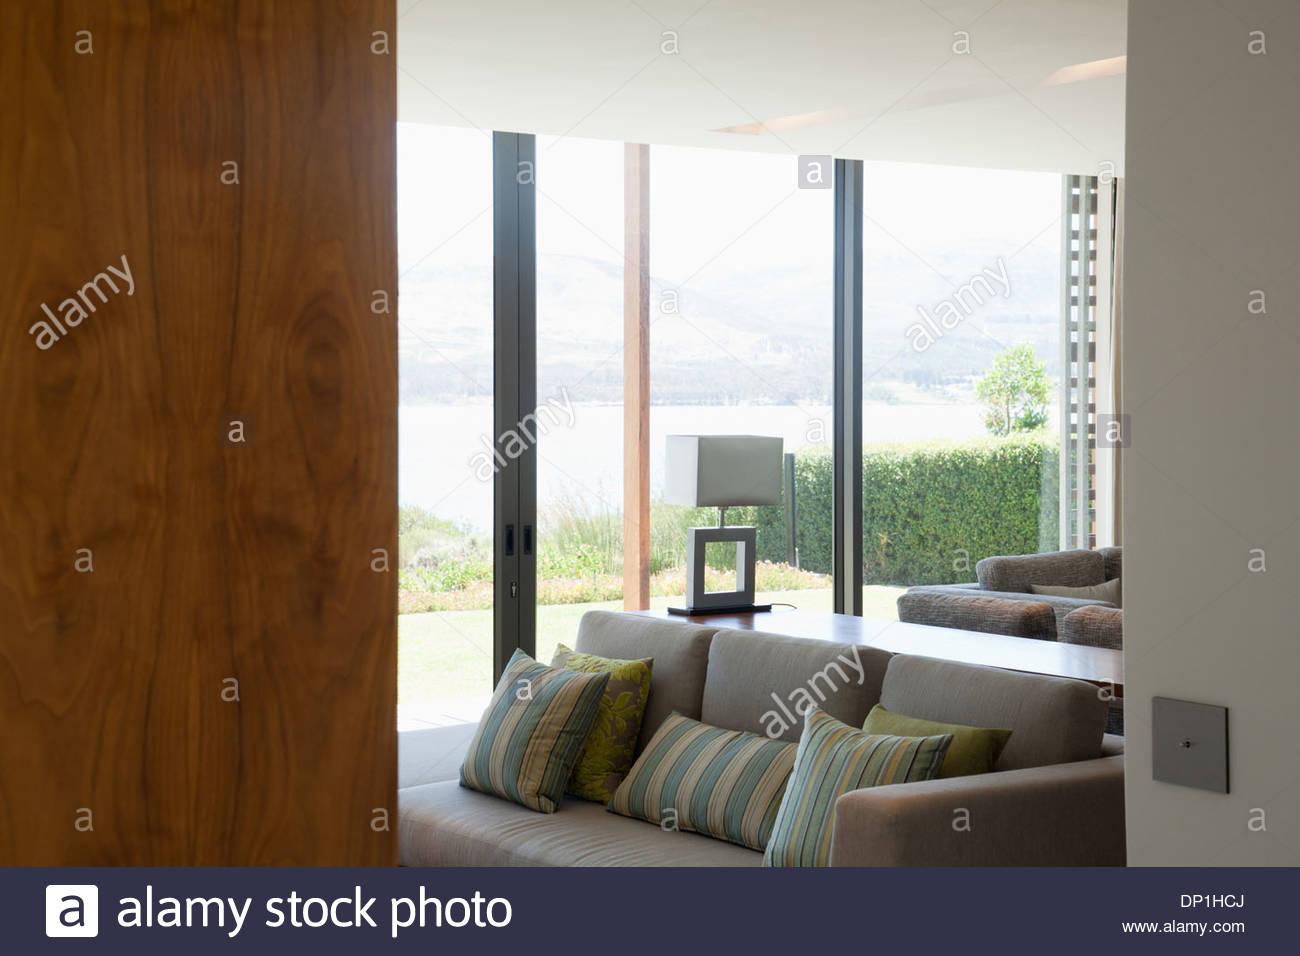 View of living room through doorway - Stock Image